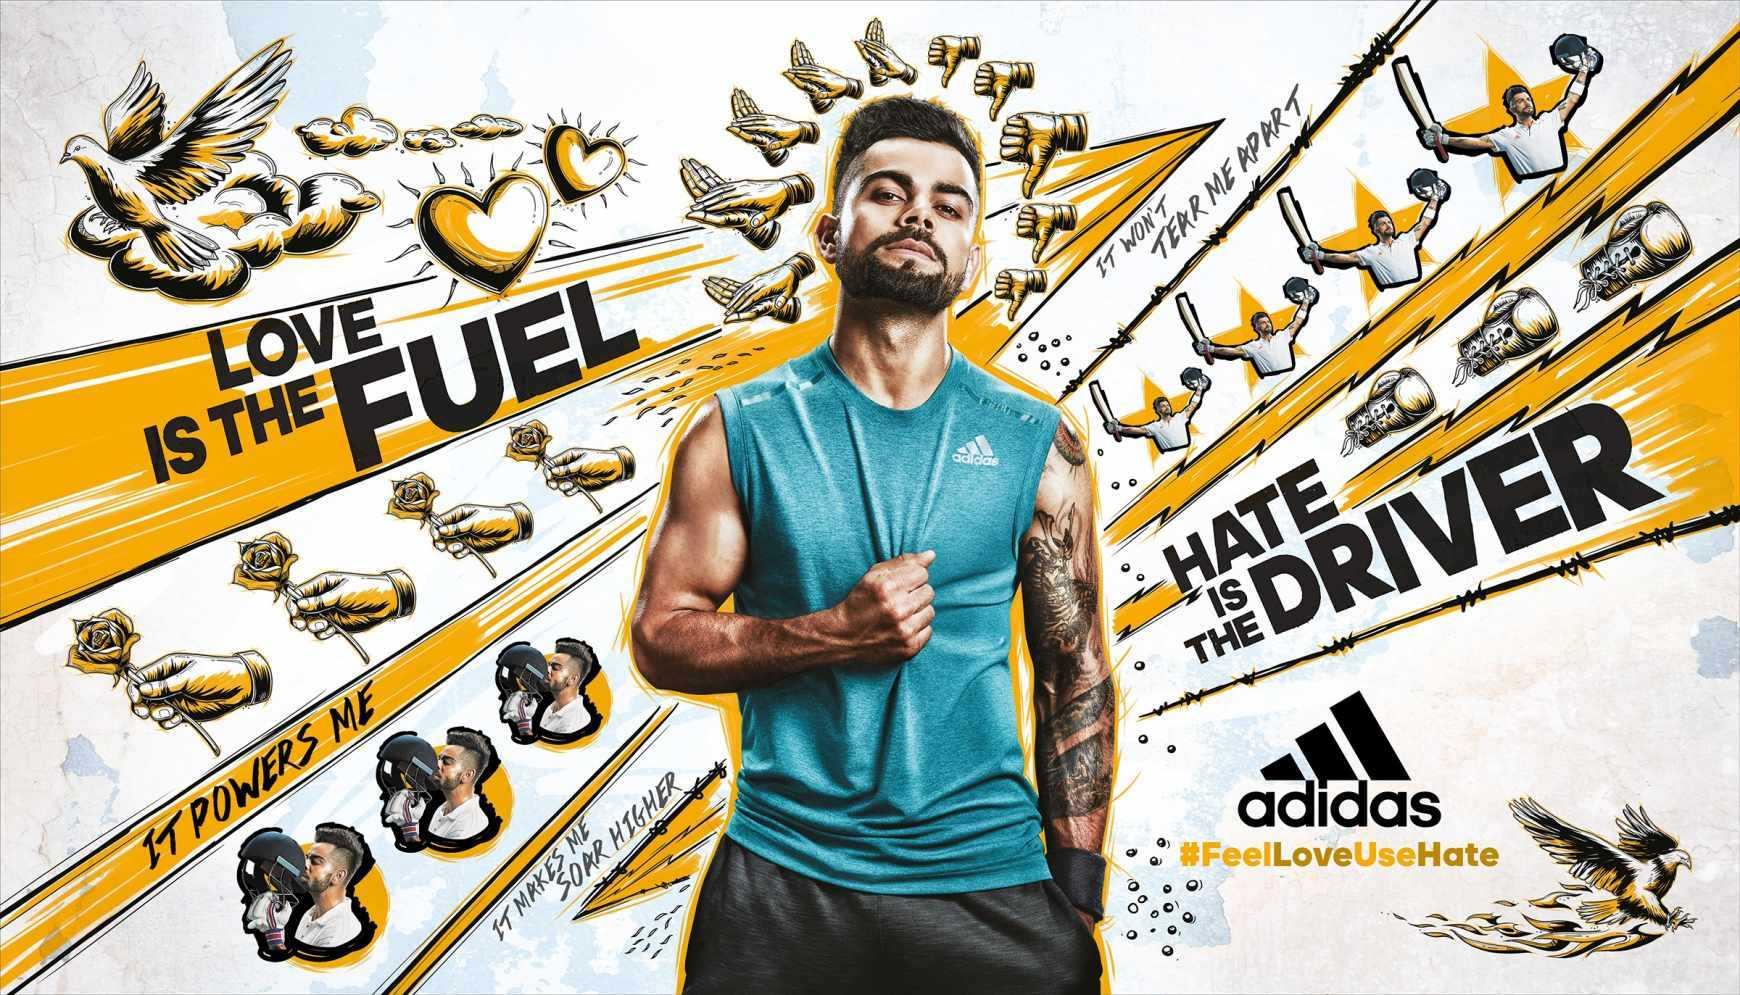 Adidas_Toyota_Volkswagen_i_migliori_annunci_stampa_della_settimana3